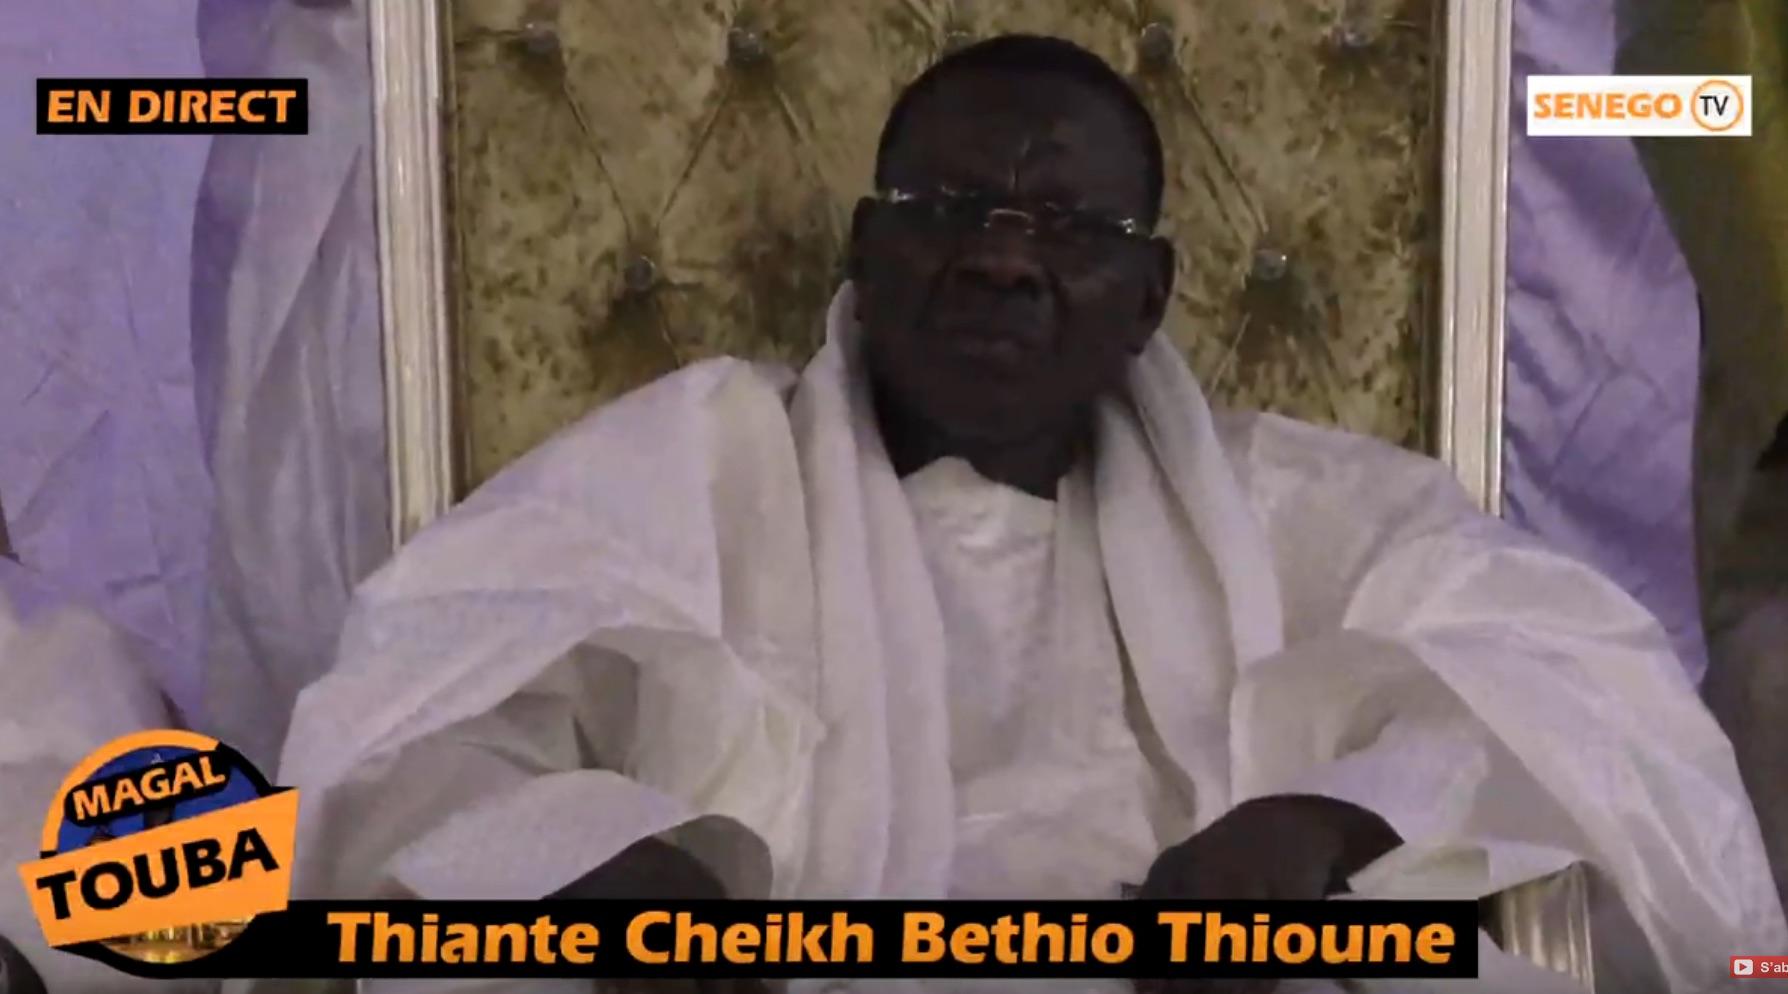 Cheikh Béthio Thioune, Magal Touba, sant